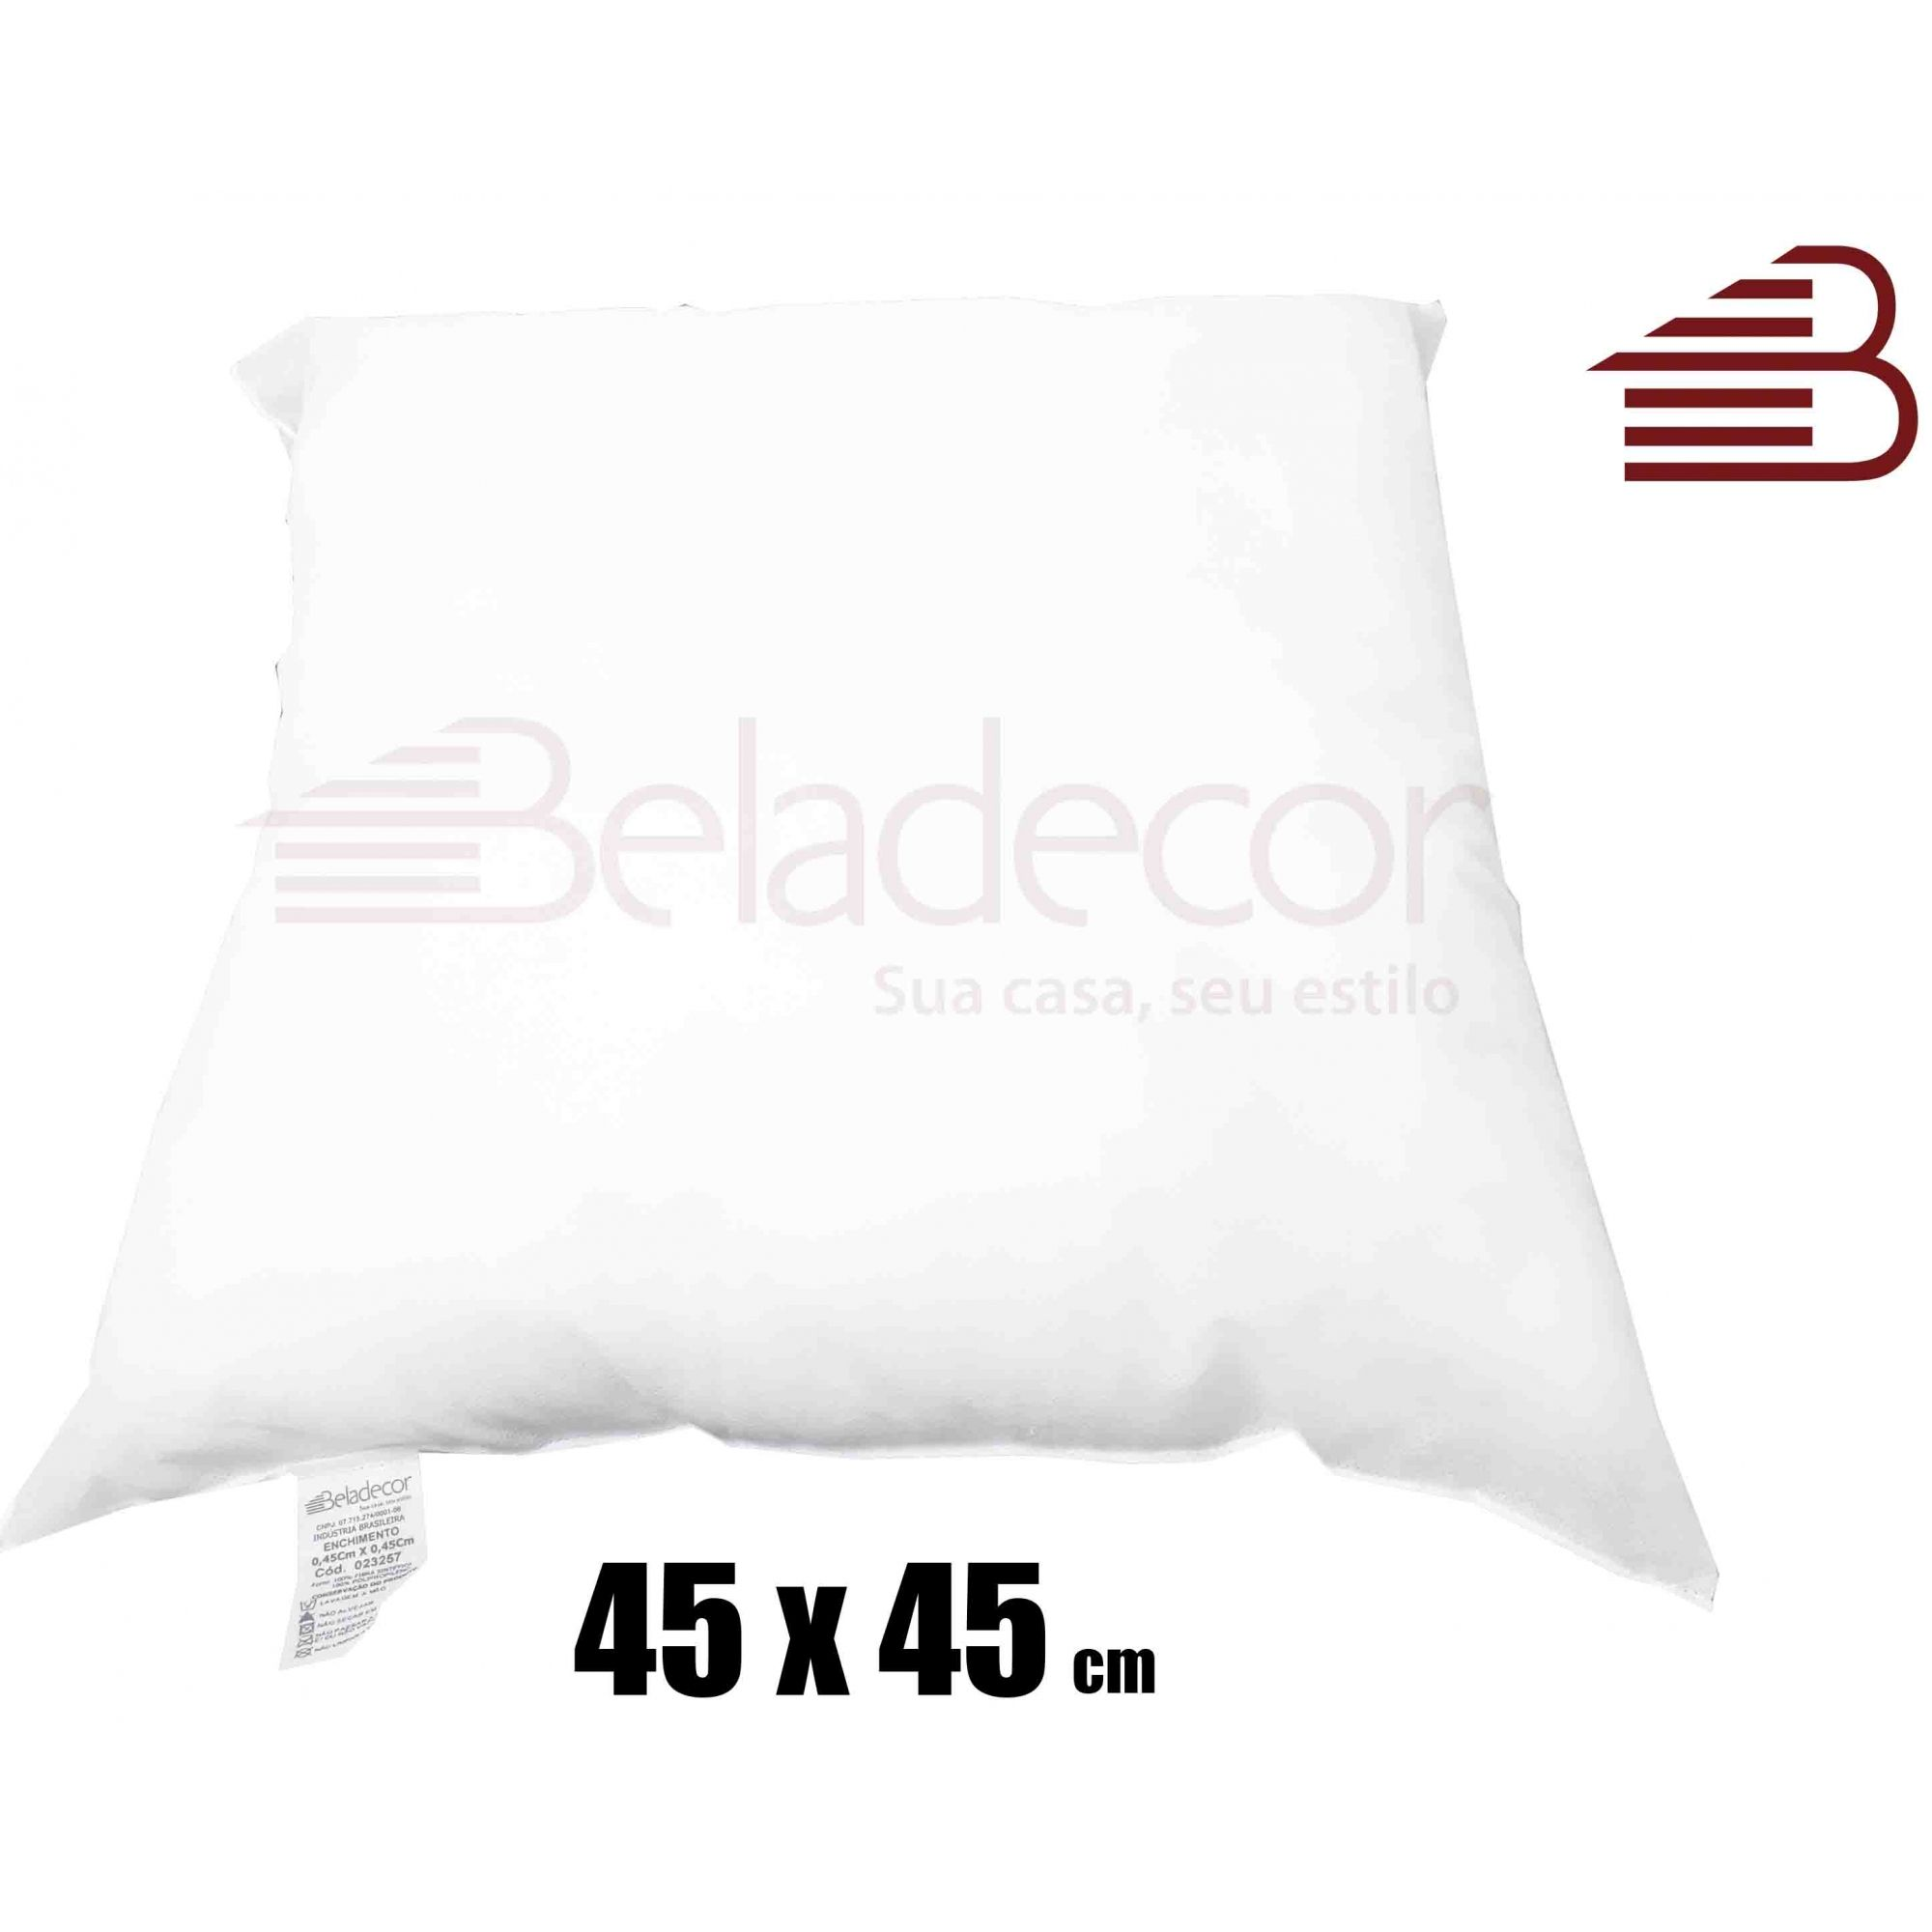 CAPA DE ALMOFADA SOFISTICATTA COM ENCHIMENTO 45X45